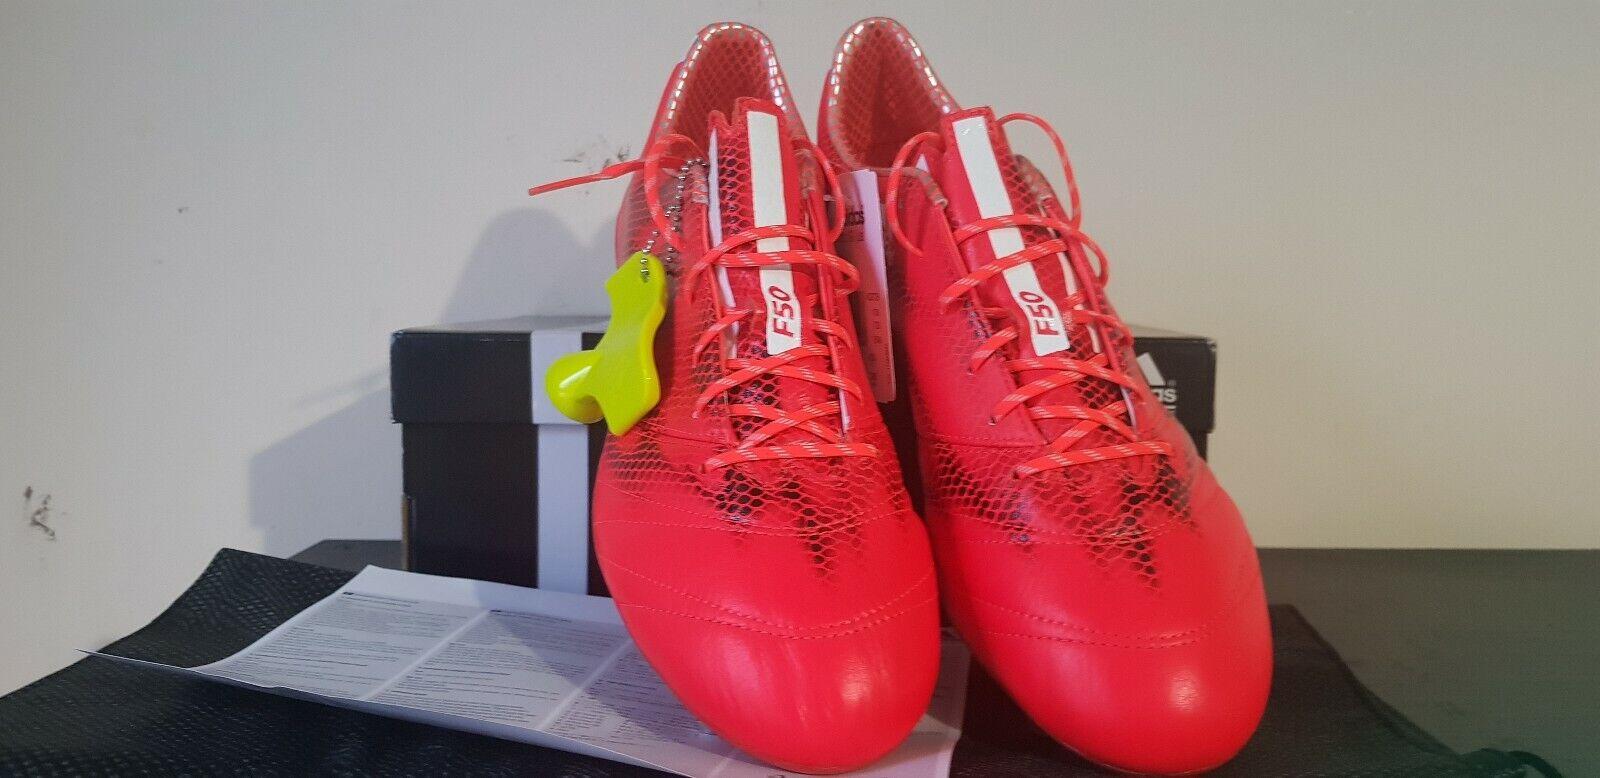 Adidas adizero Sg Leather Size 10 10.5UK